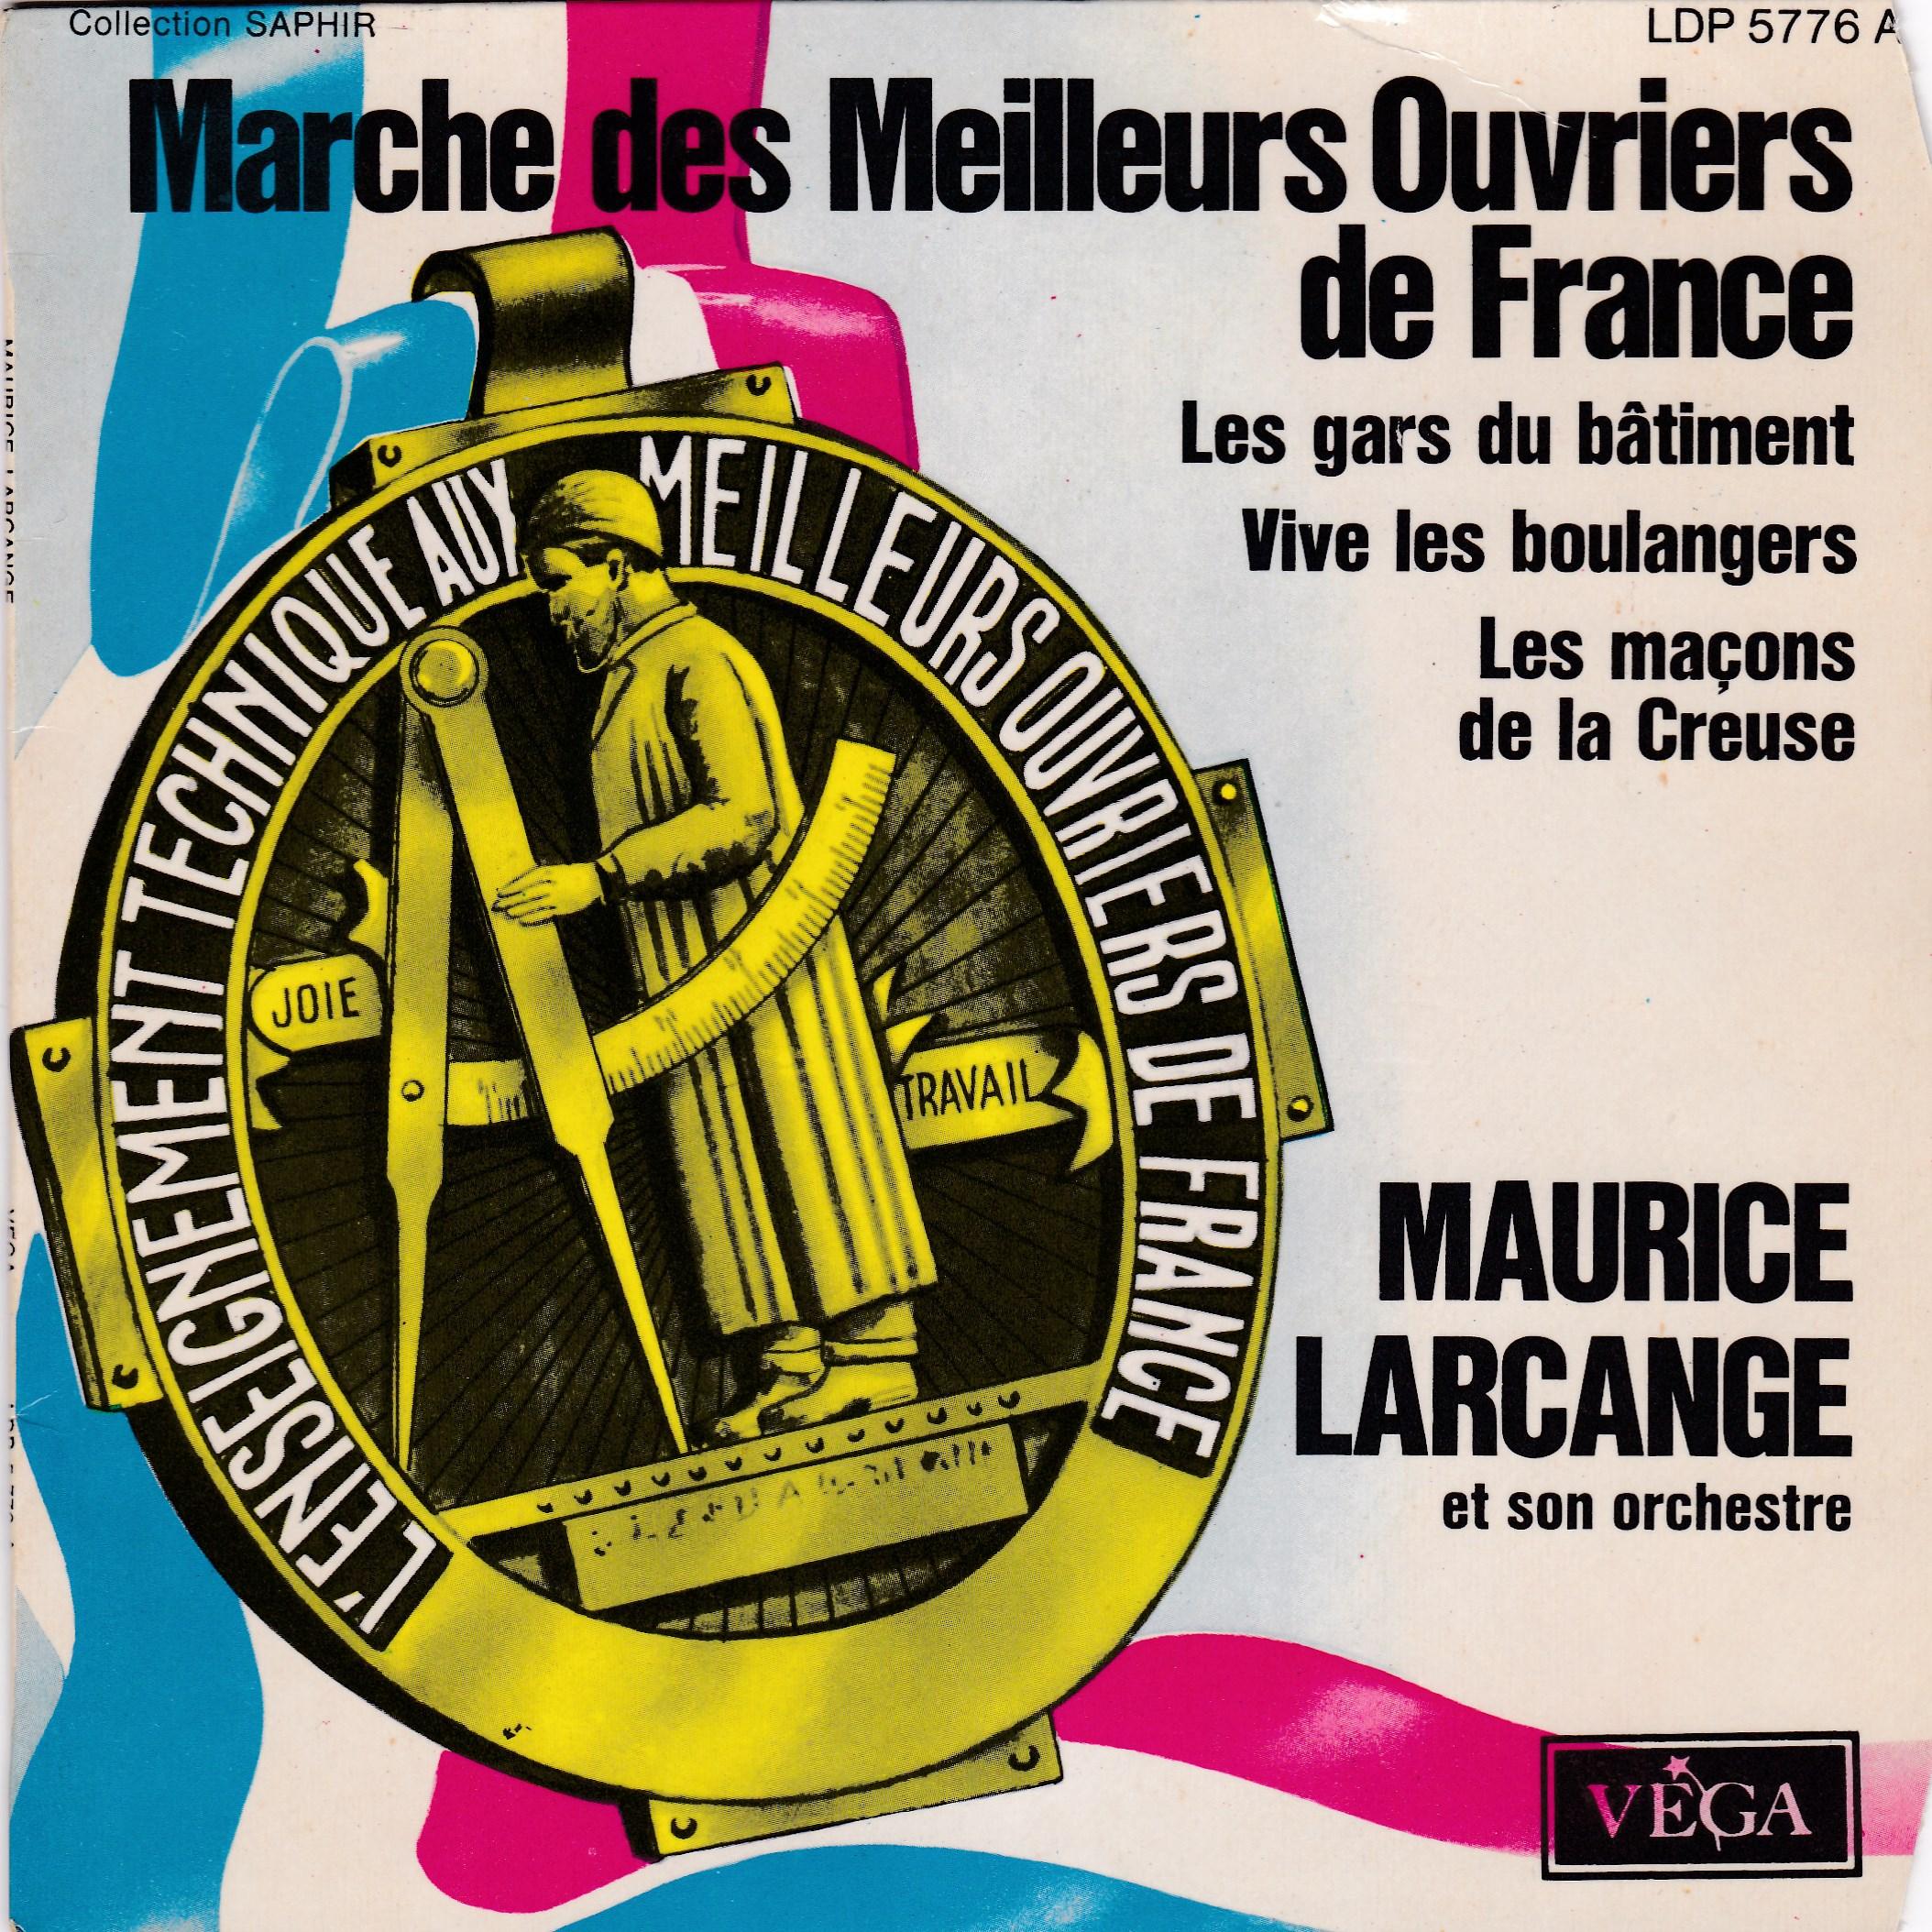 Les Meilleurs Ouvriers de France menuisier depuis bientôt 100 ans